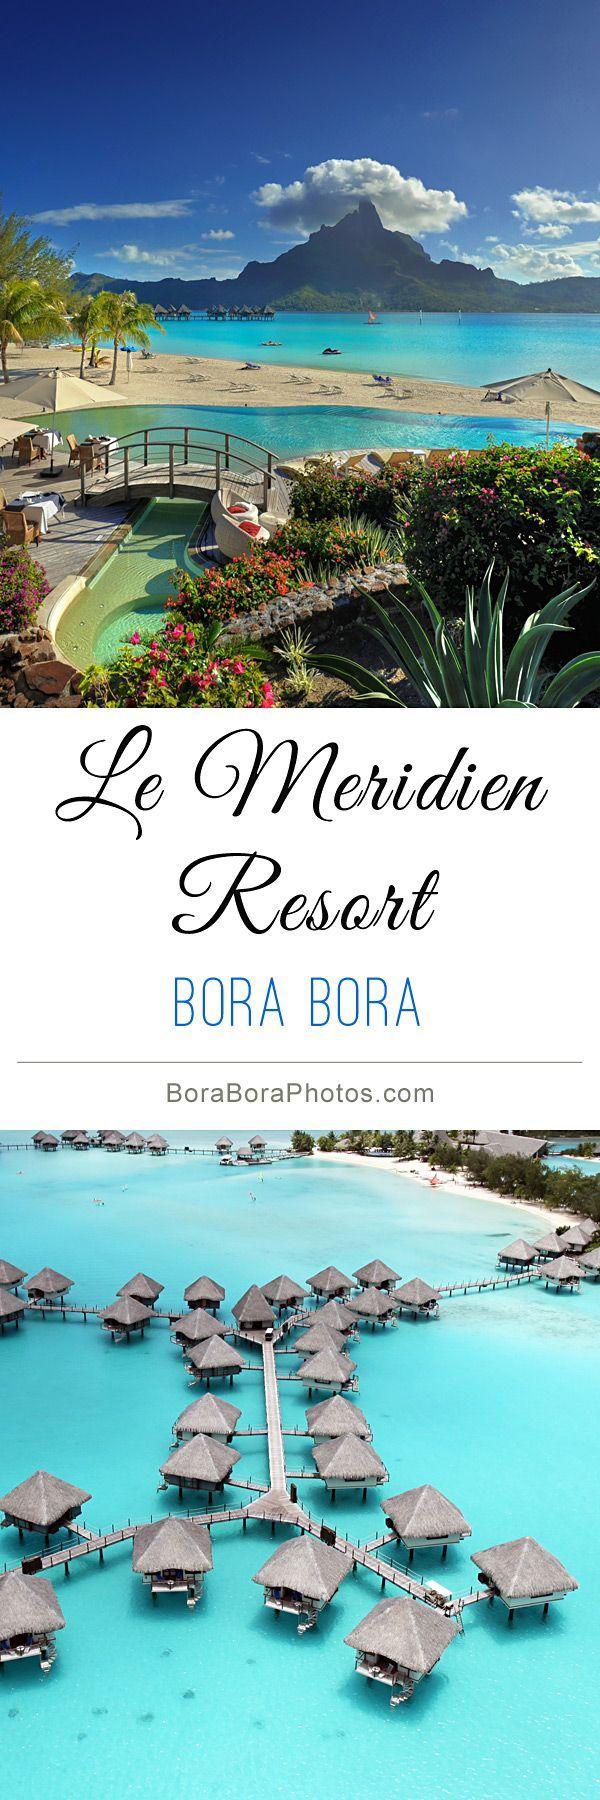 Le Meridien Resort & Spa - Das Luxushotel bietet moderne und elegante ... #vacationdestinations